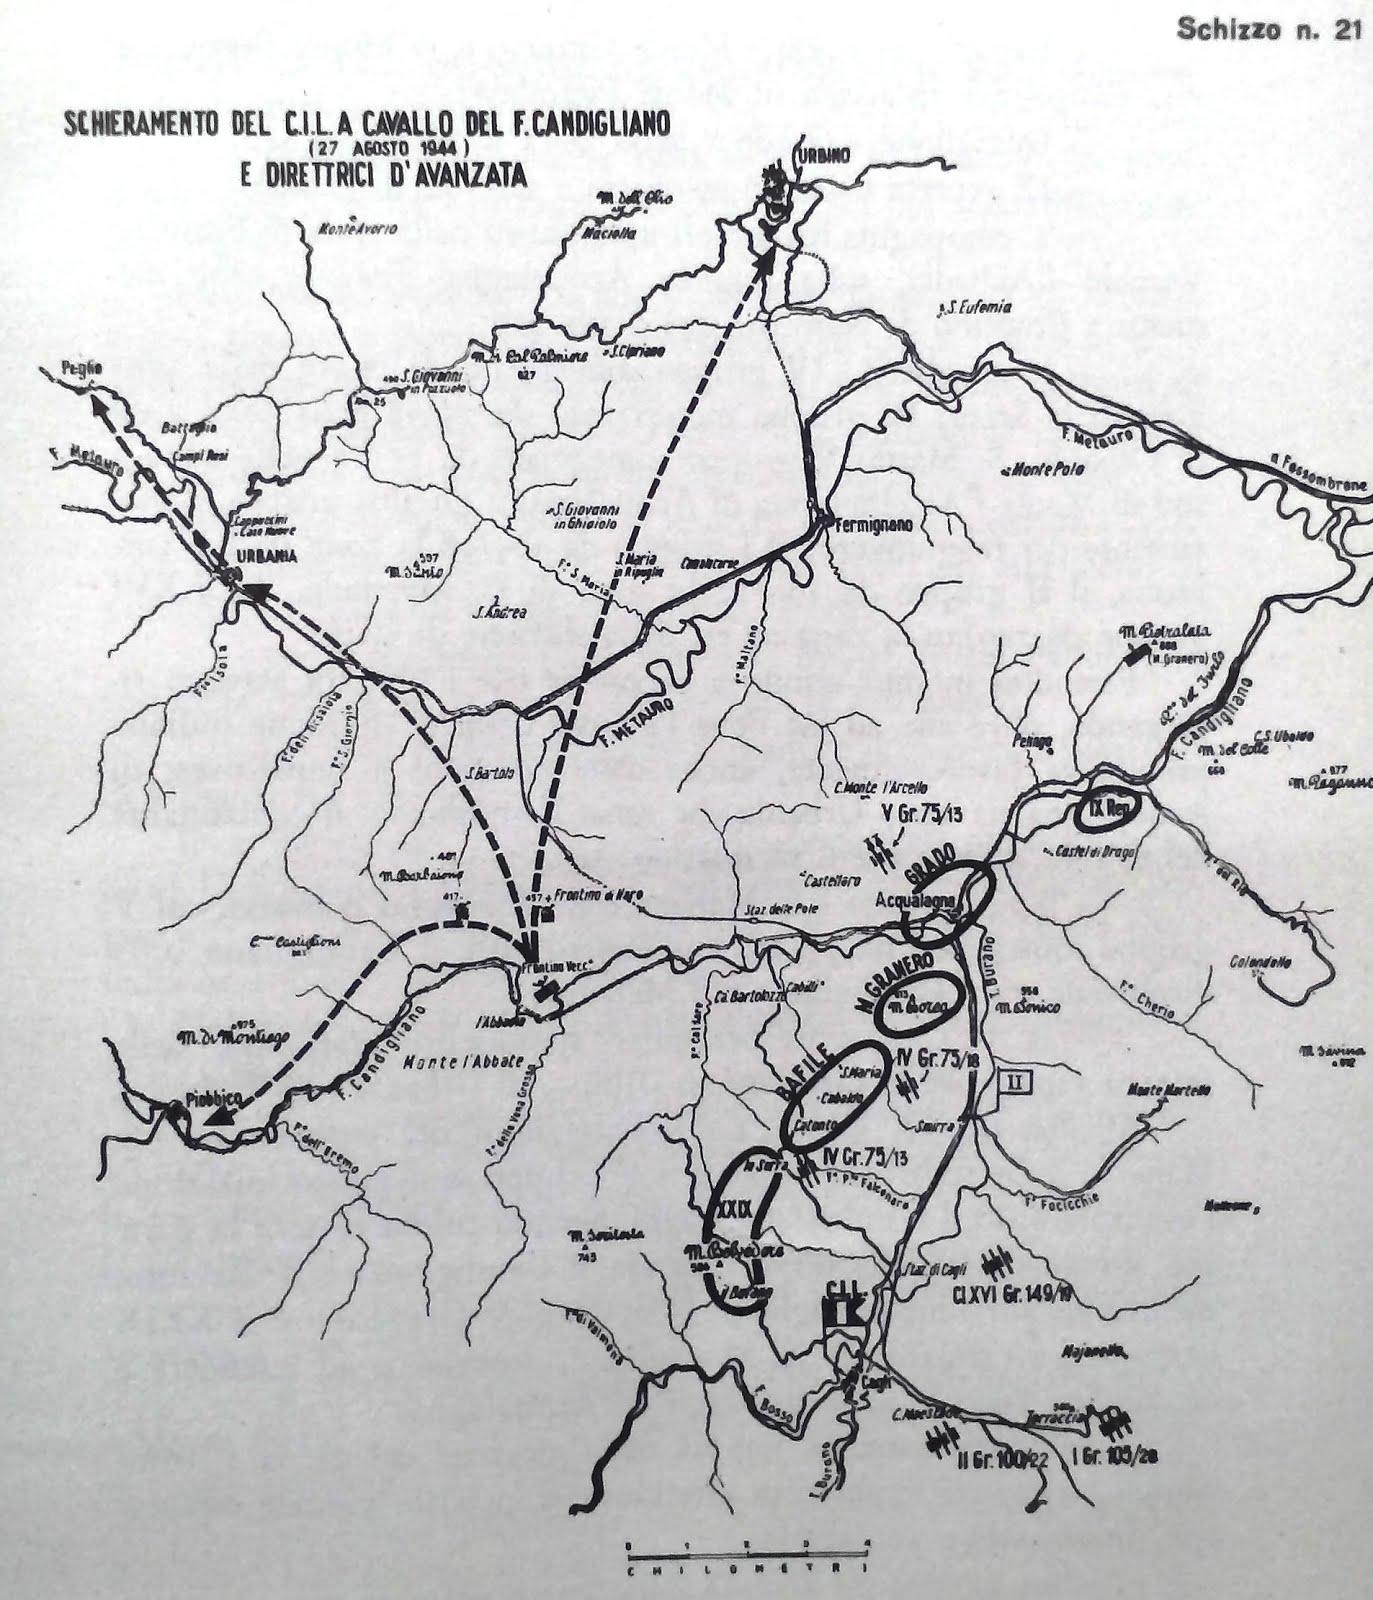 Schieramento del Corpo Italiano di Liberazione. 27 agosto 1944